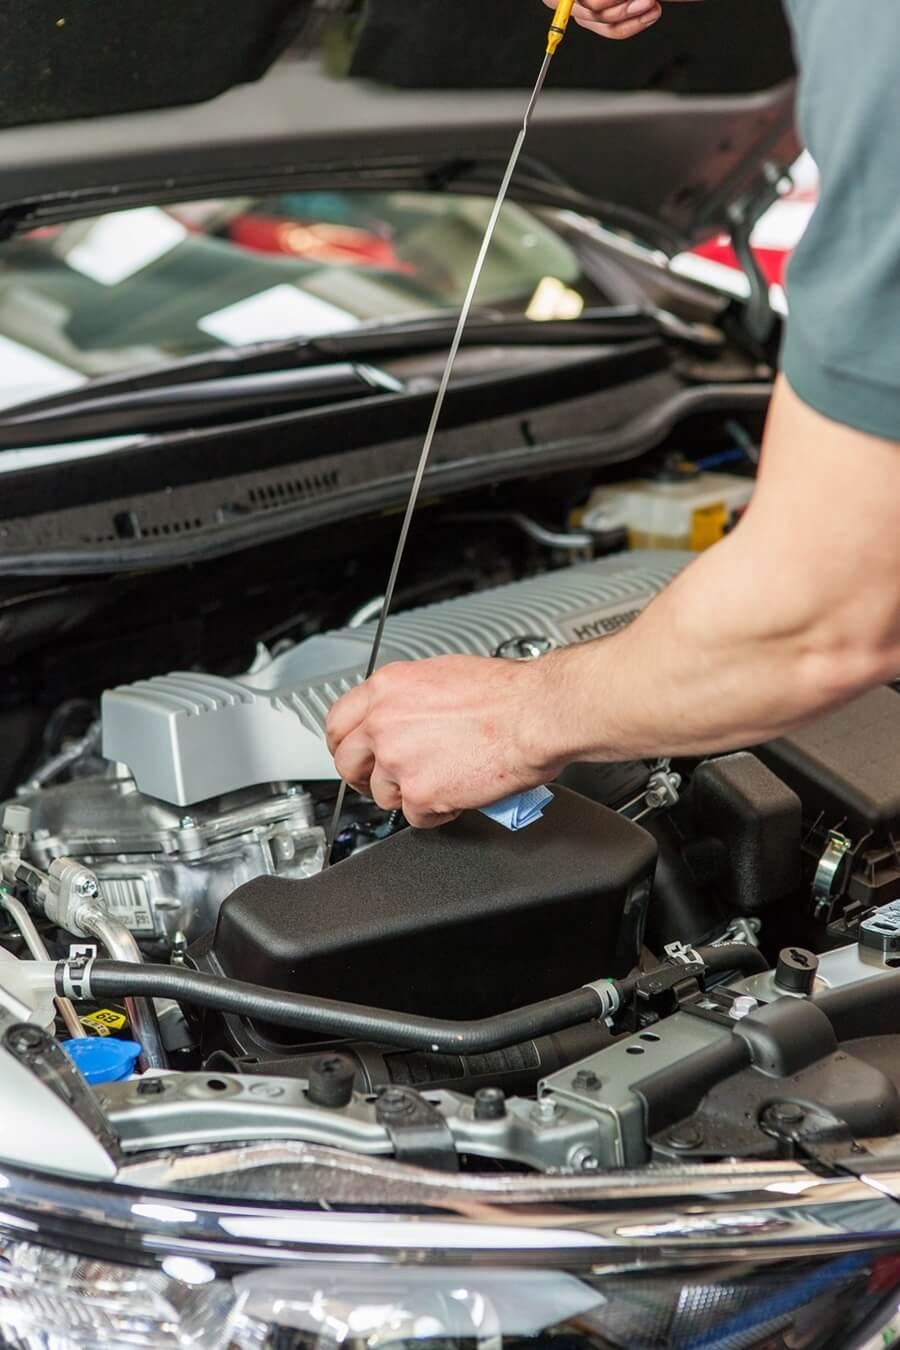 Ein Service-Check ist wichtig, um dein Auto fuer den Roadtrip bzw die Urlaubsreise vorzubereiten